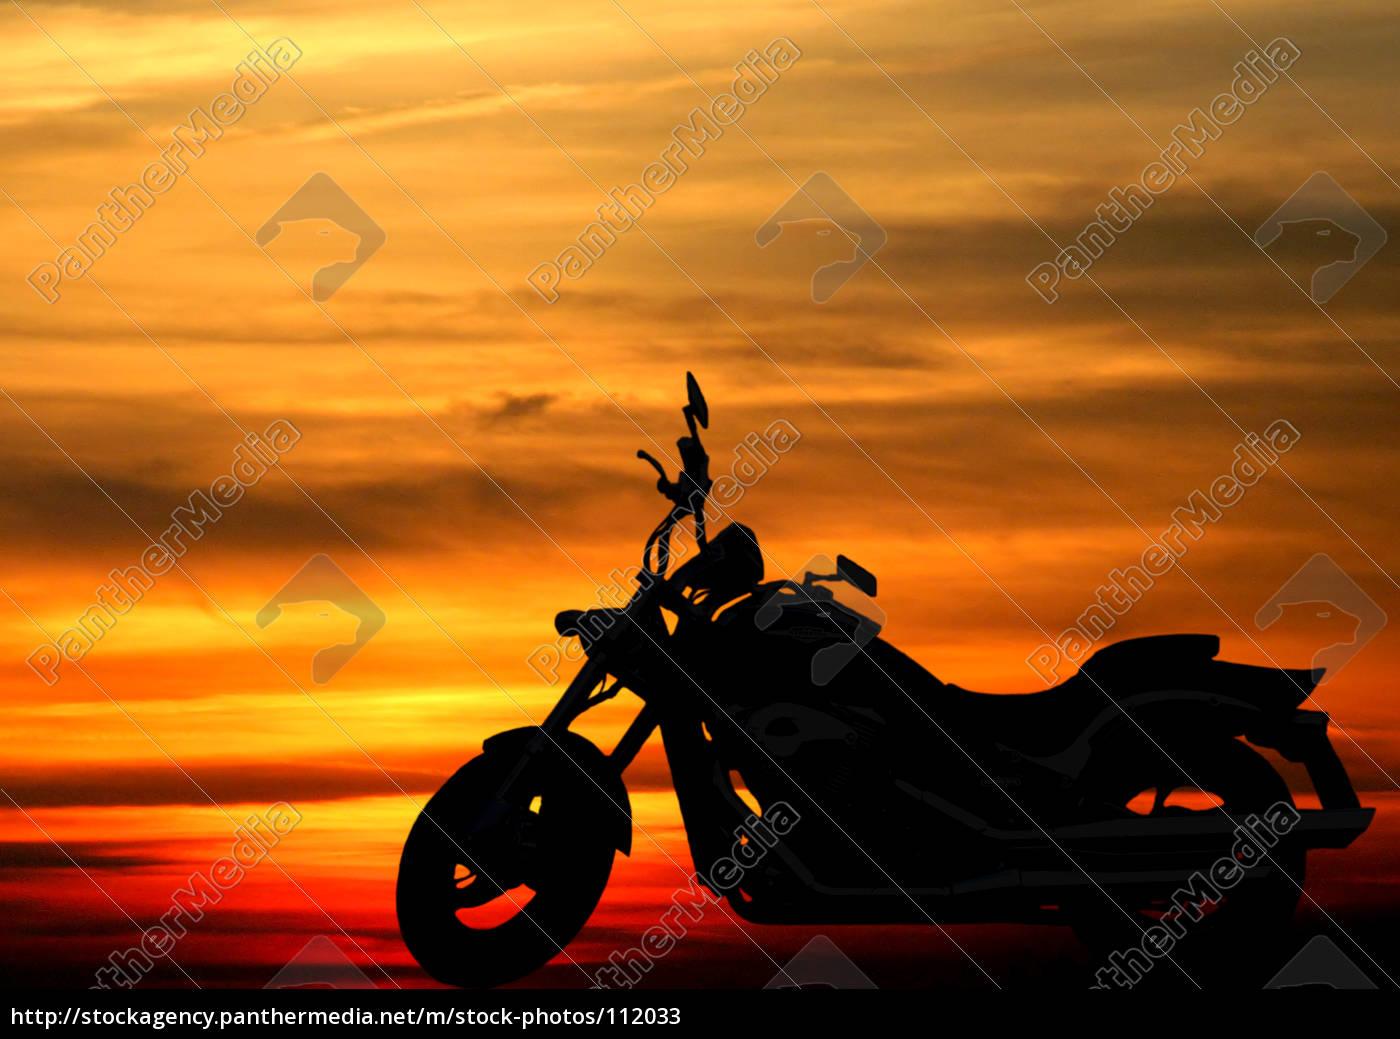 bike, search - 112033